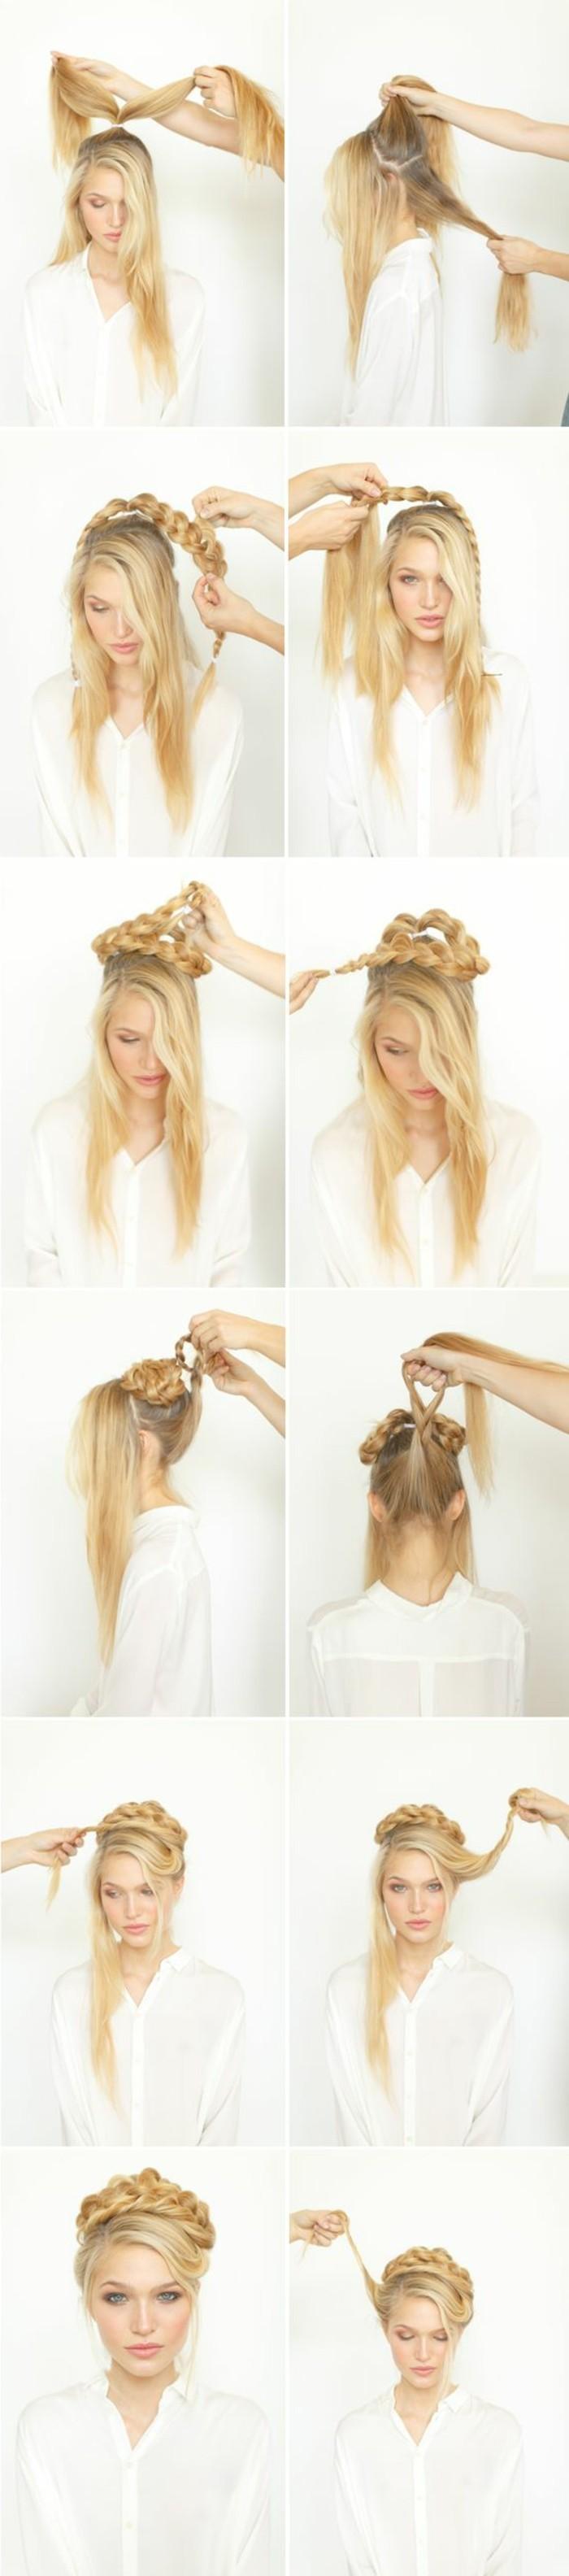 0-coiffure-facile-et-rapide-tuto-coiffure-cheveux-longs-femme-blonde-les-meilleures-coiffures